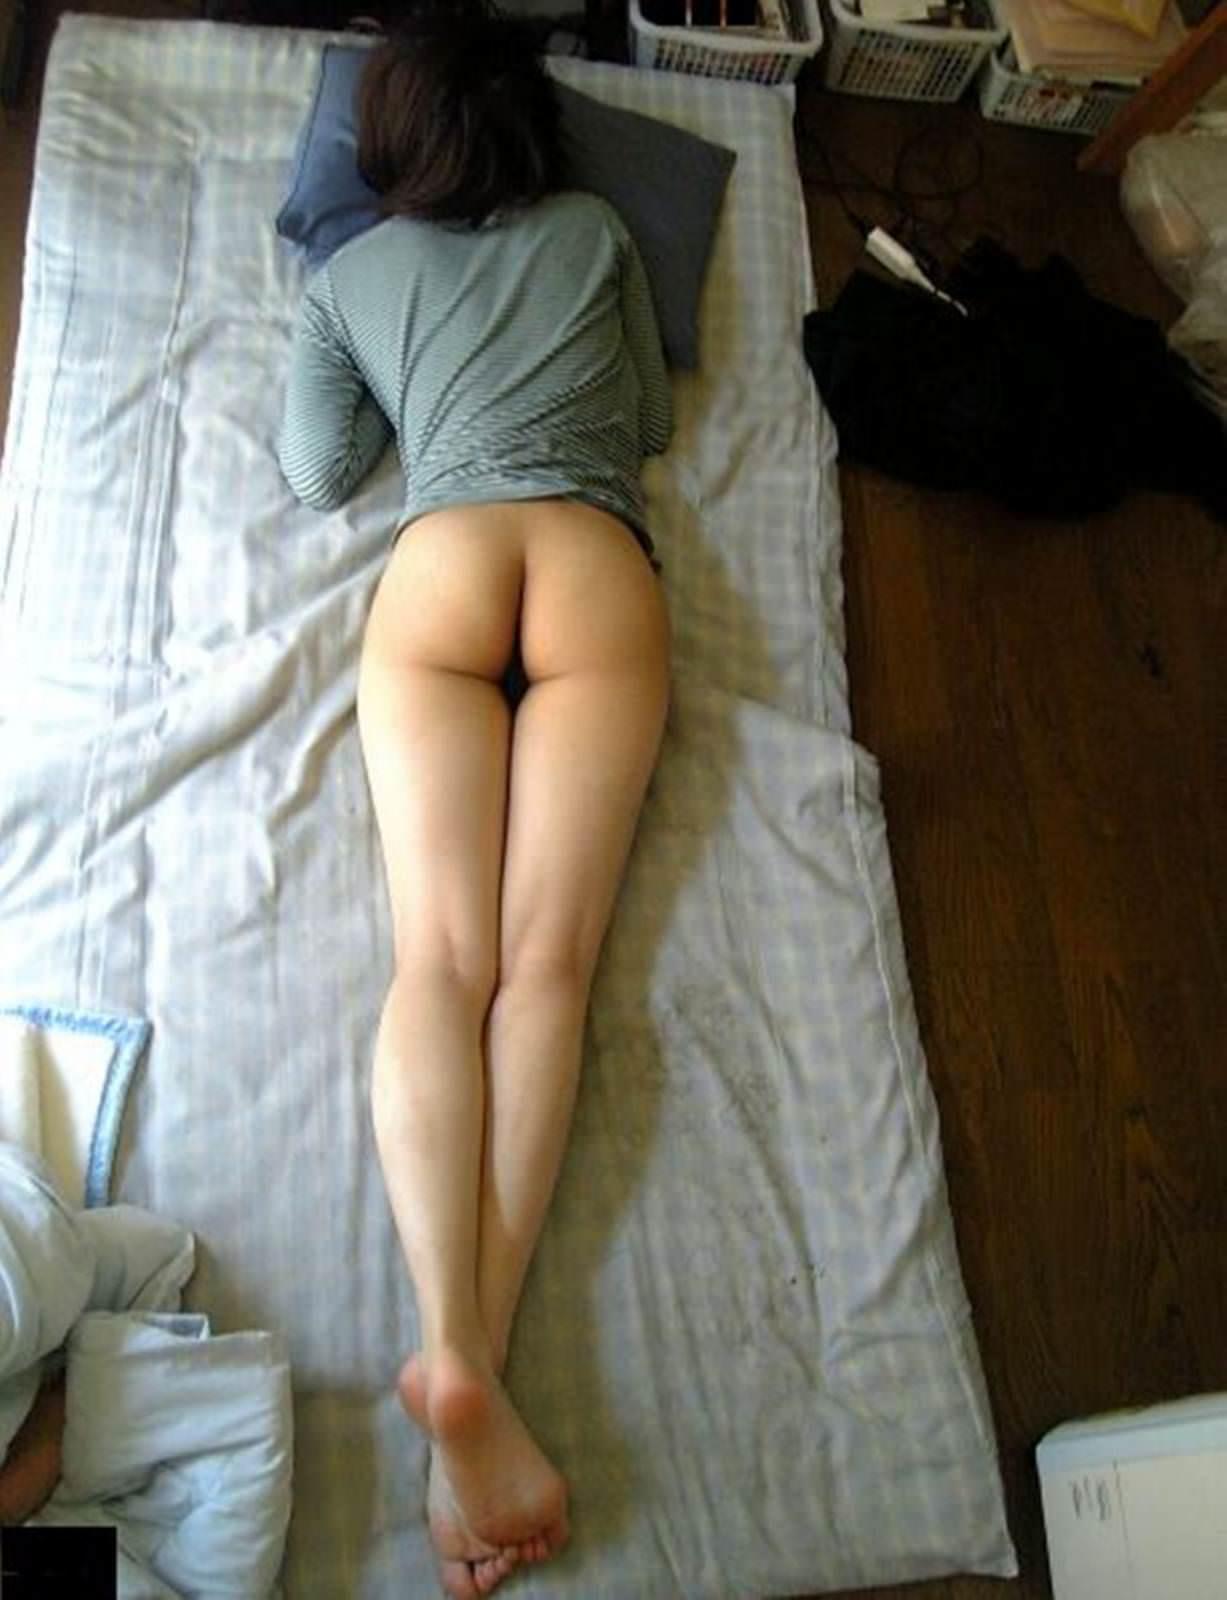 【素人画像】上半身だけ服来て寝てる彼女の生尻を勝手に撮影→ネット流出wwwwwwwwww 1165